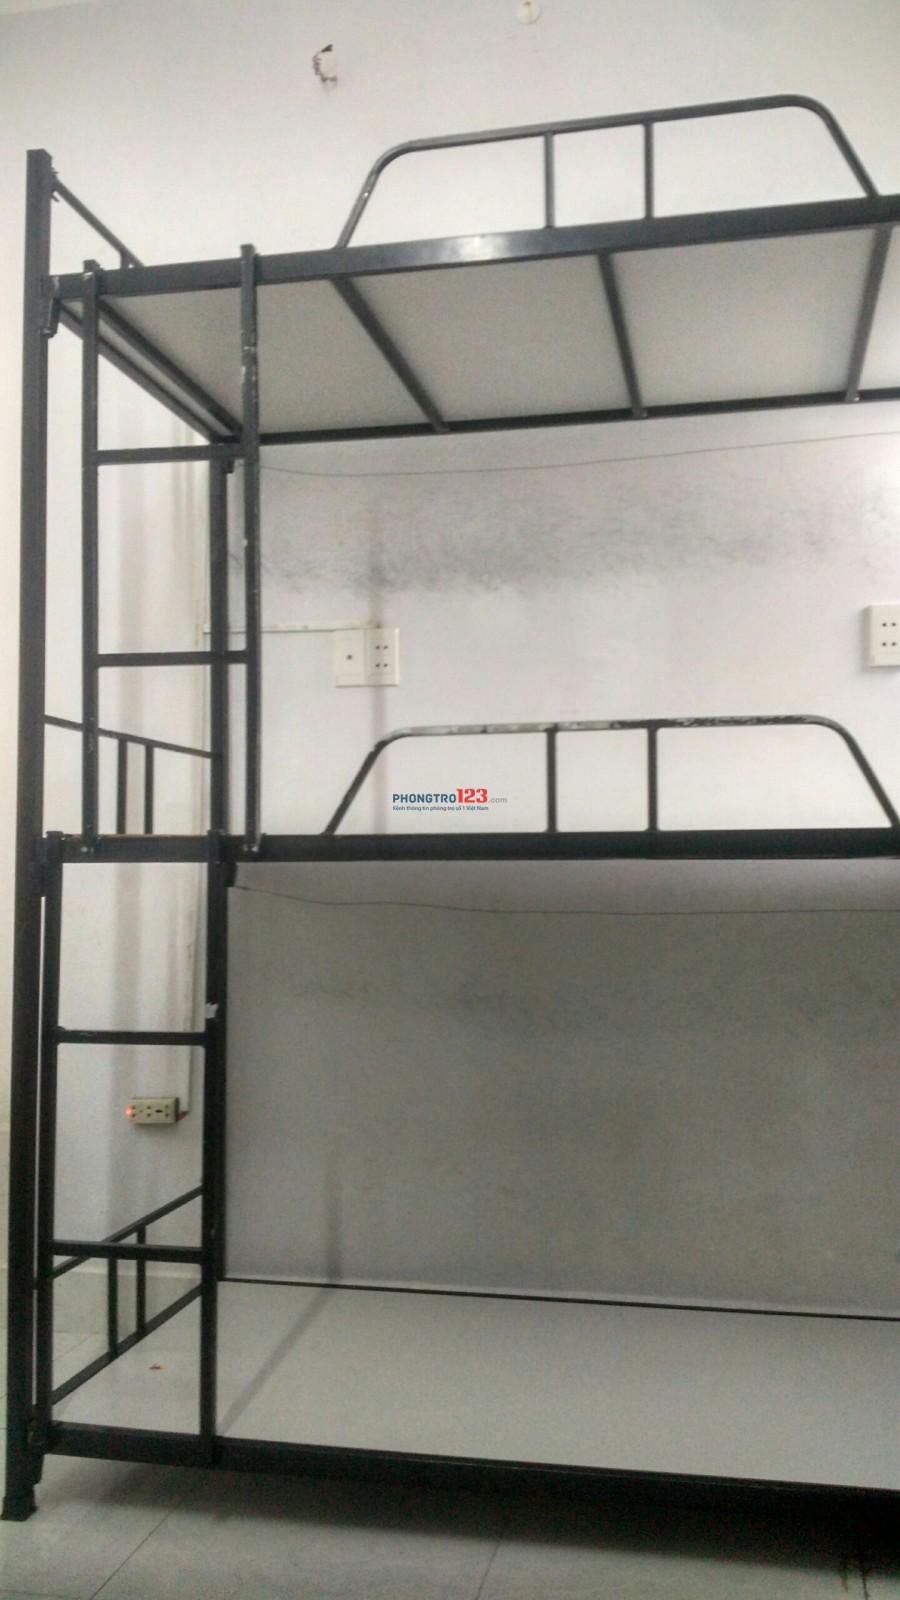 Ký túc xá giường tầng giá 450k tháng khu vực Bình Thạnh